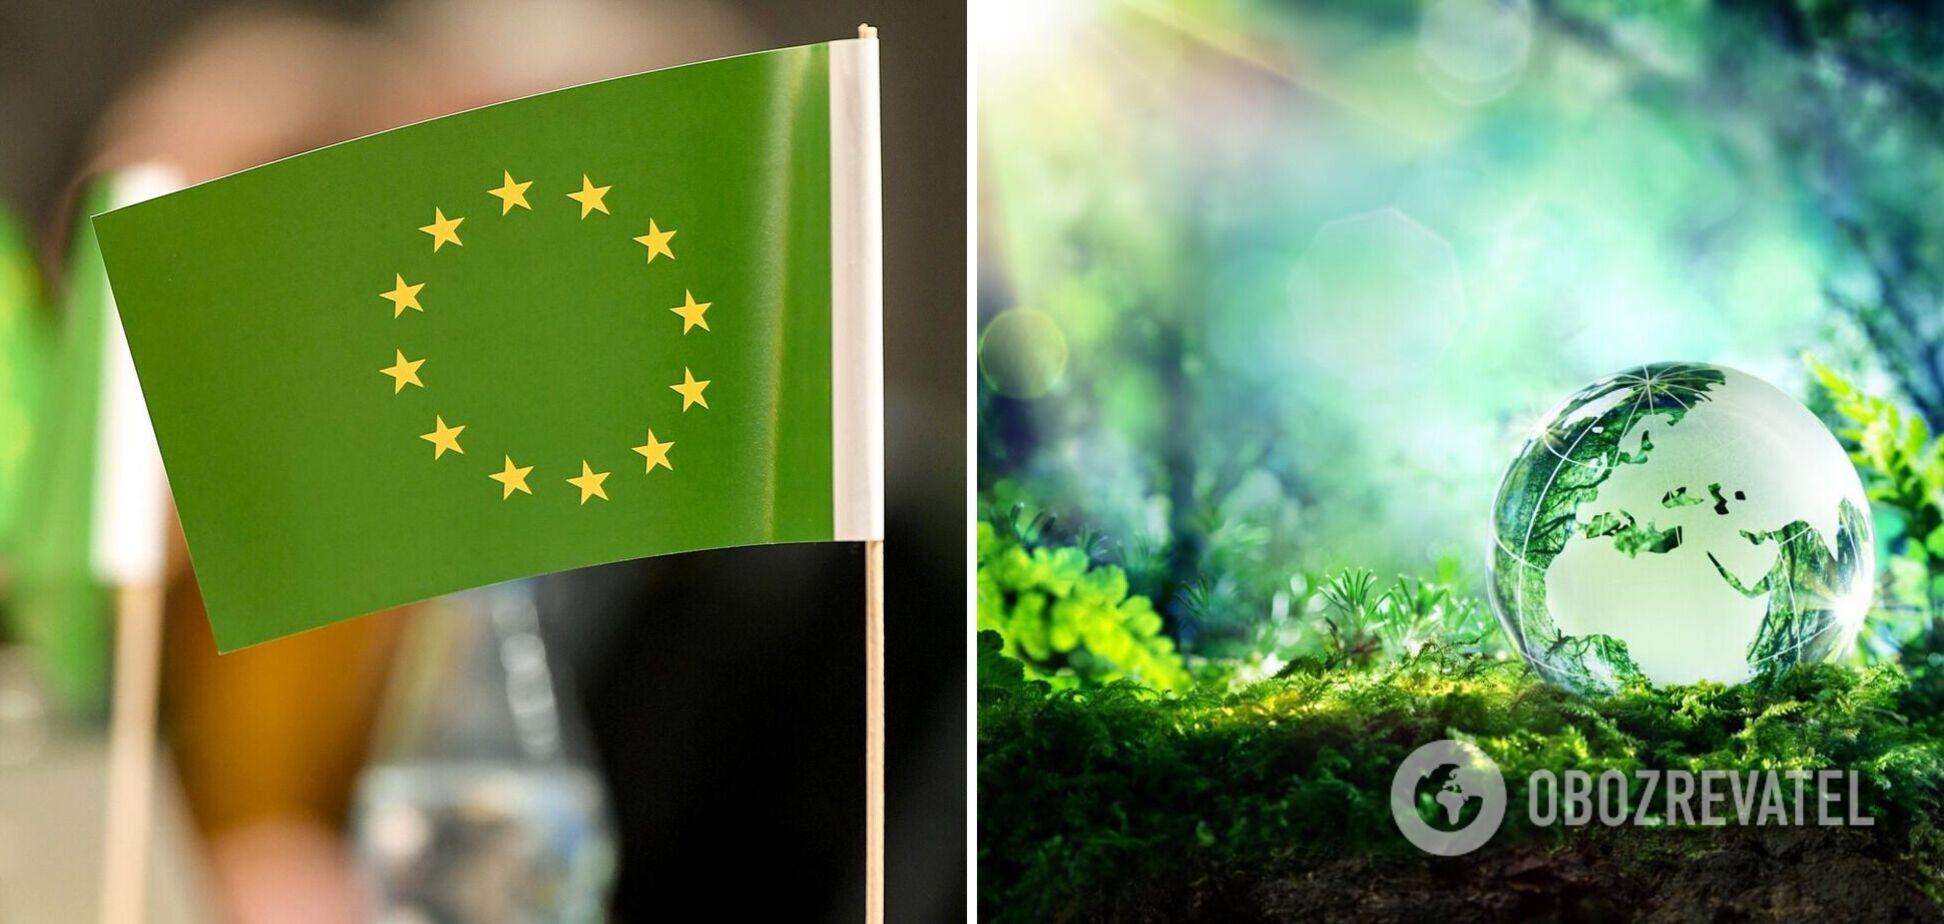 Зеленый курс Украины. Риски для экономики и что делать правительству